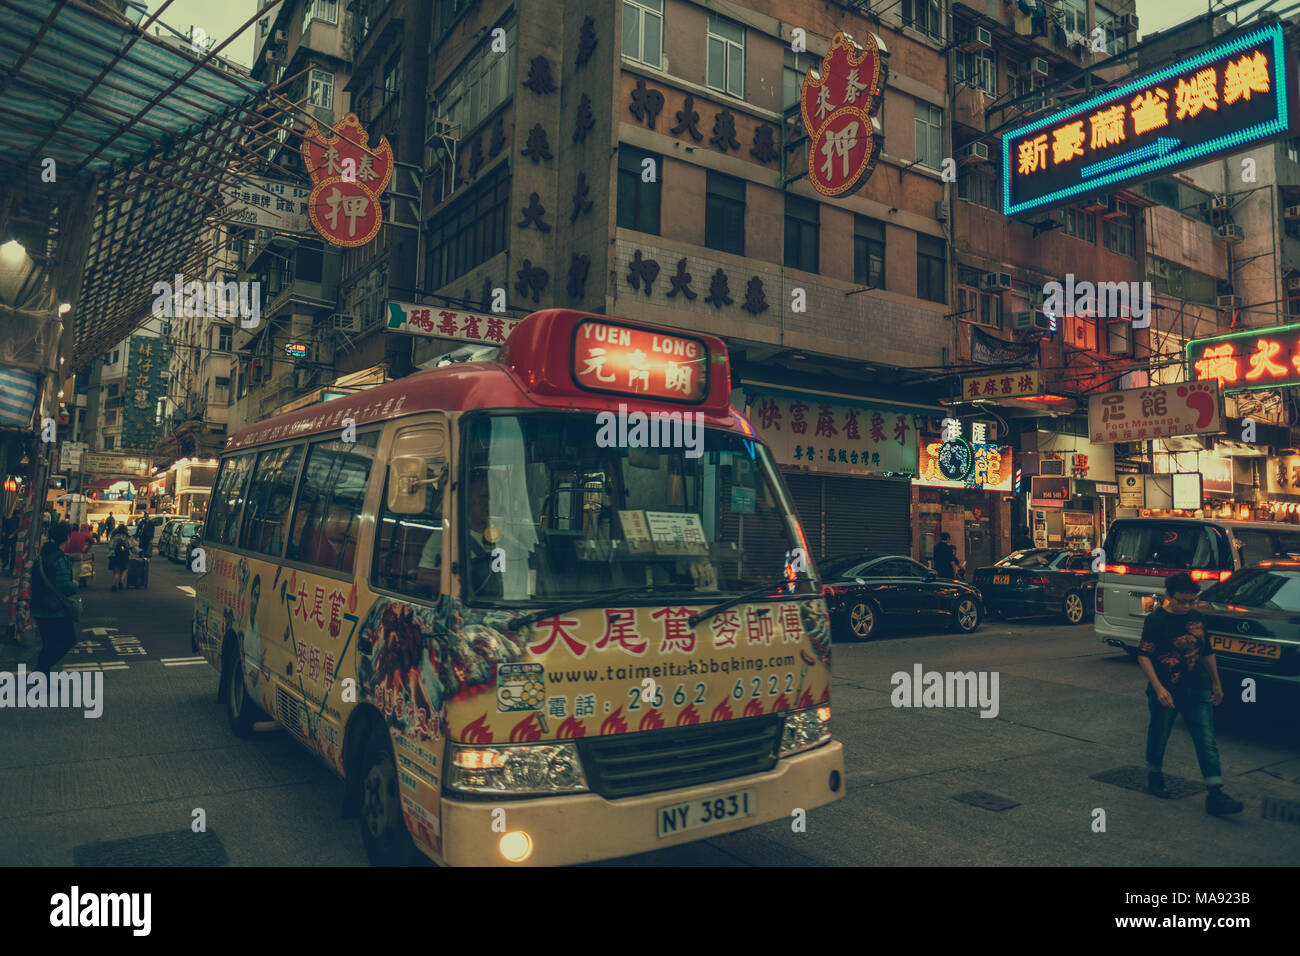 Light Bus Hong Kong - Stock Image